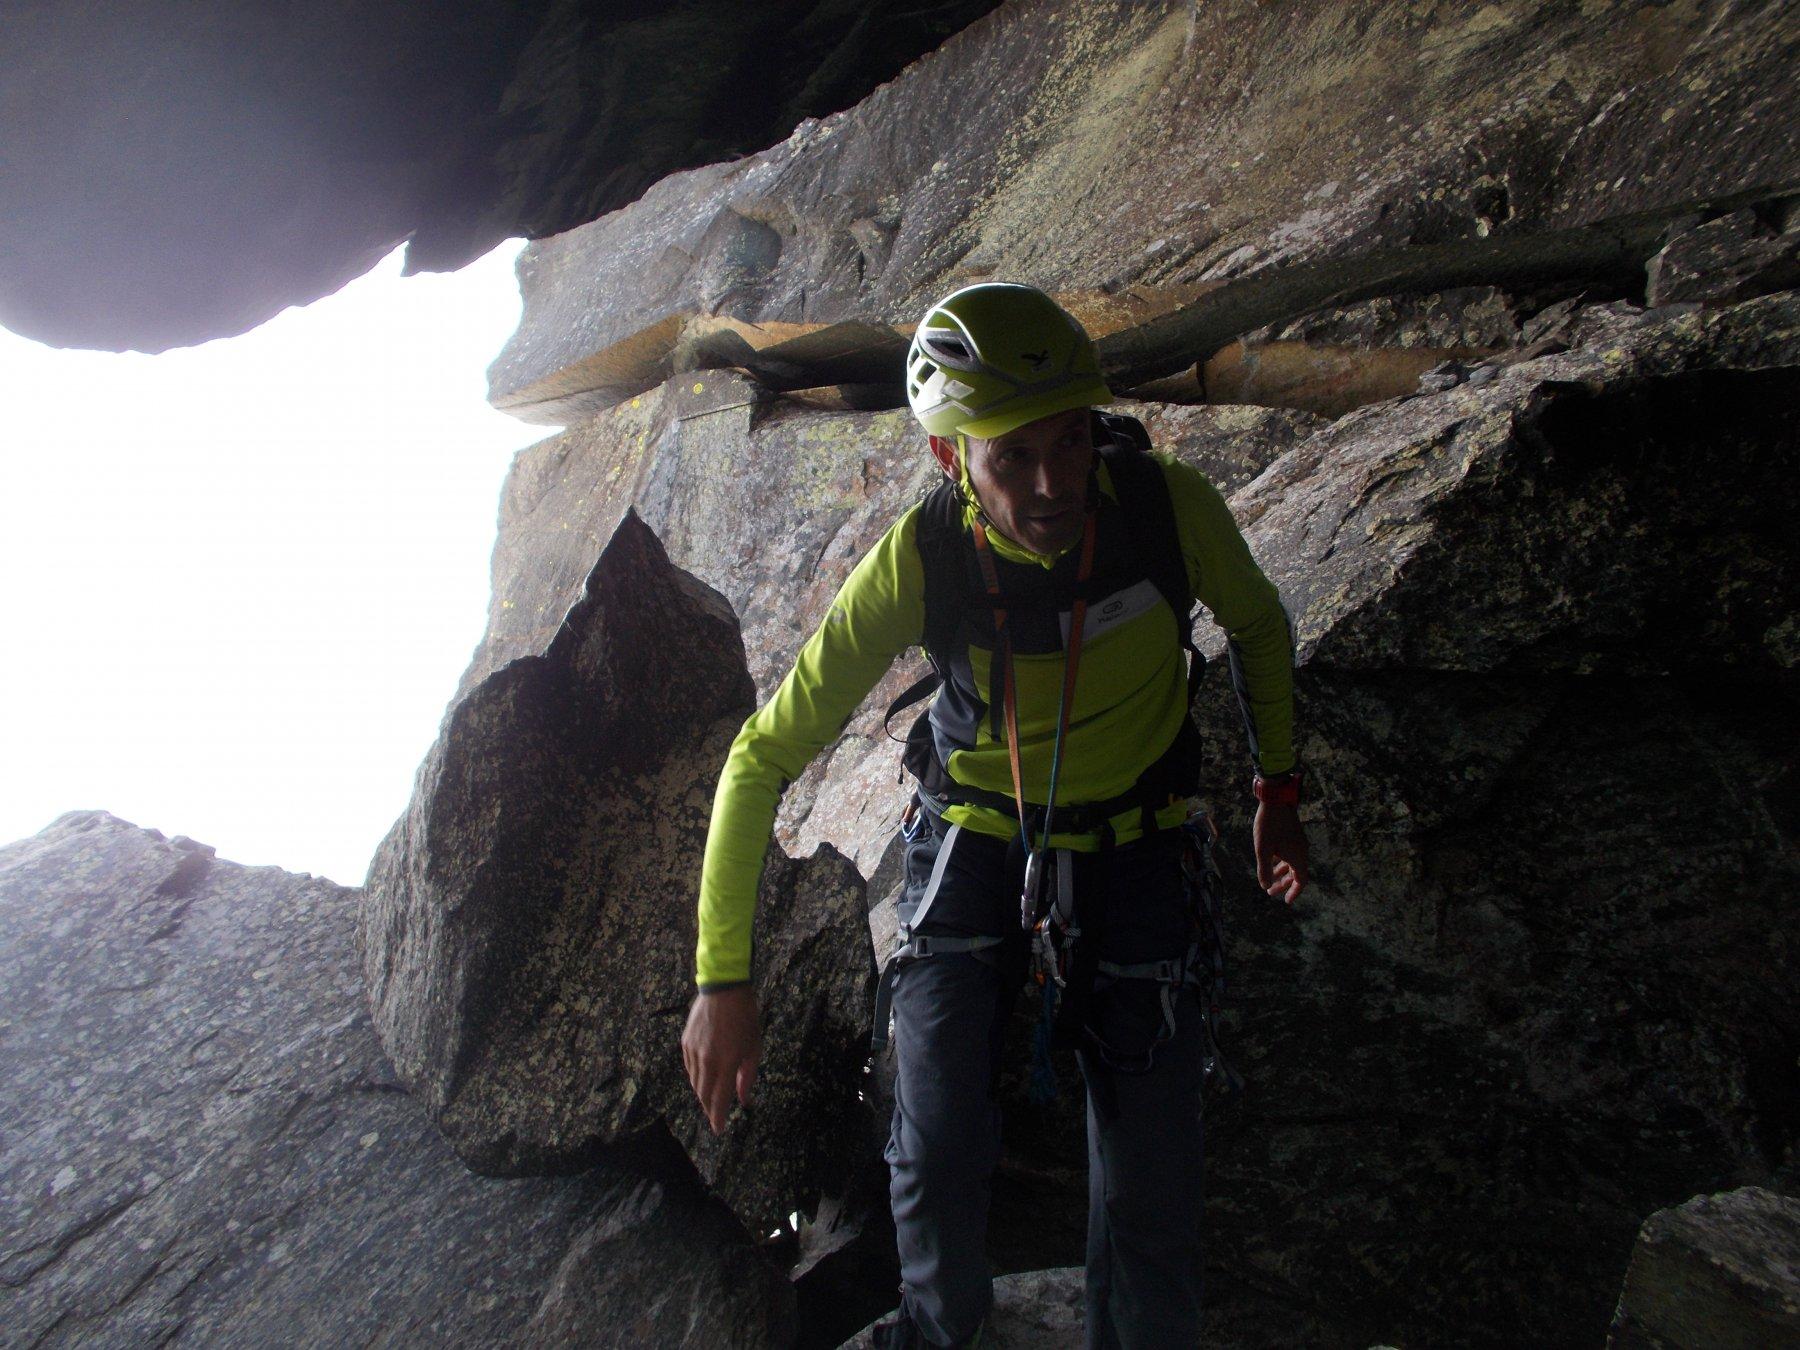 entrando nella grotta..